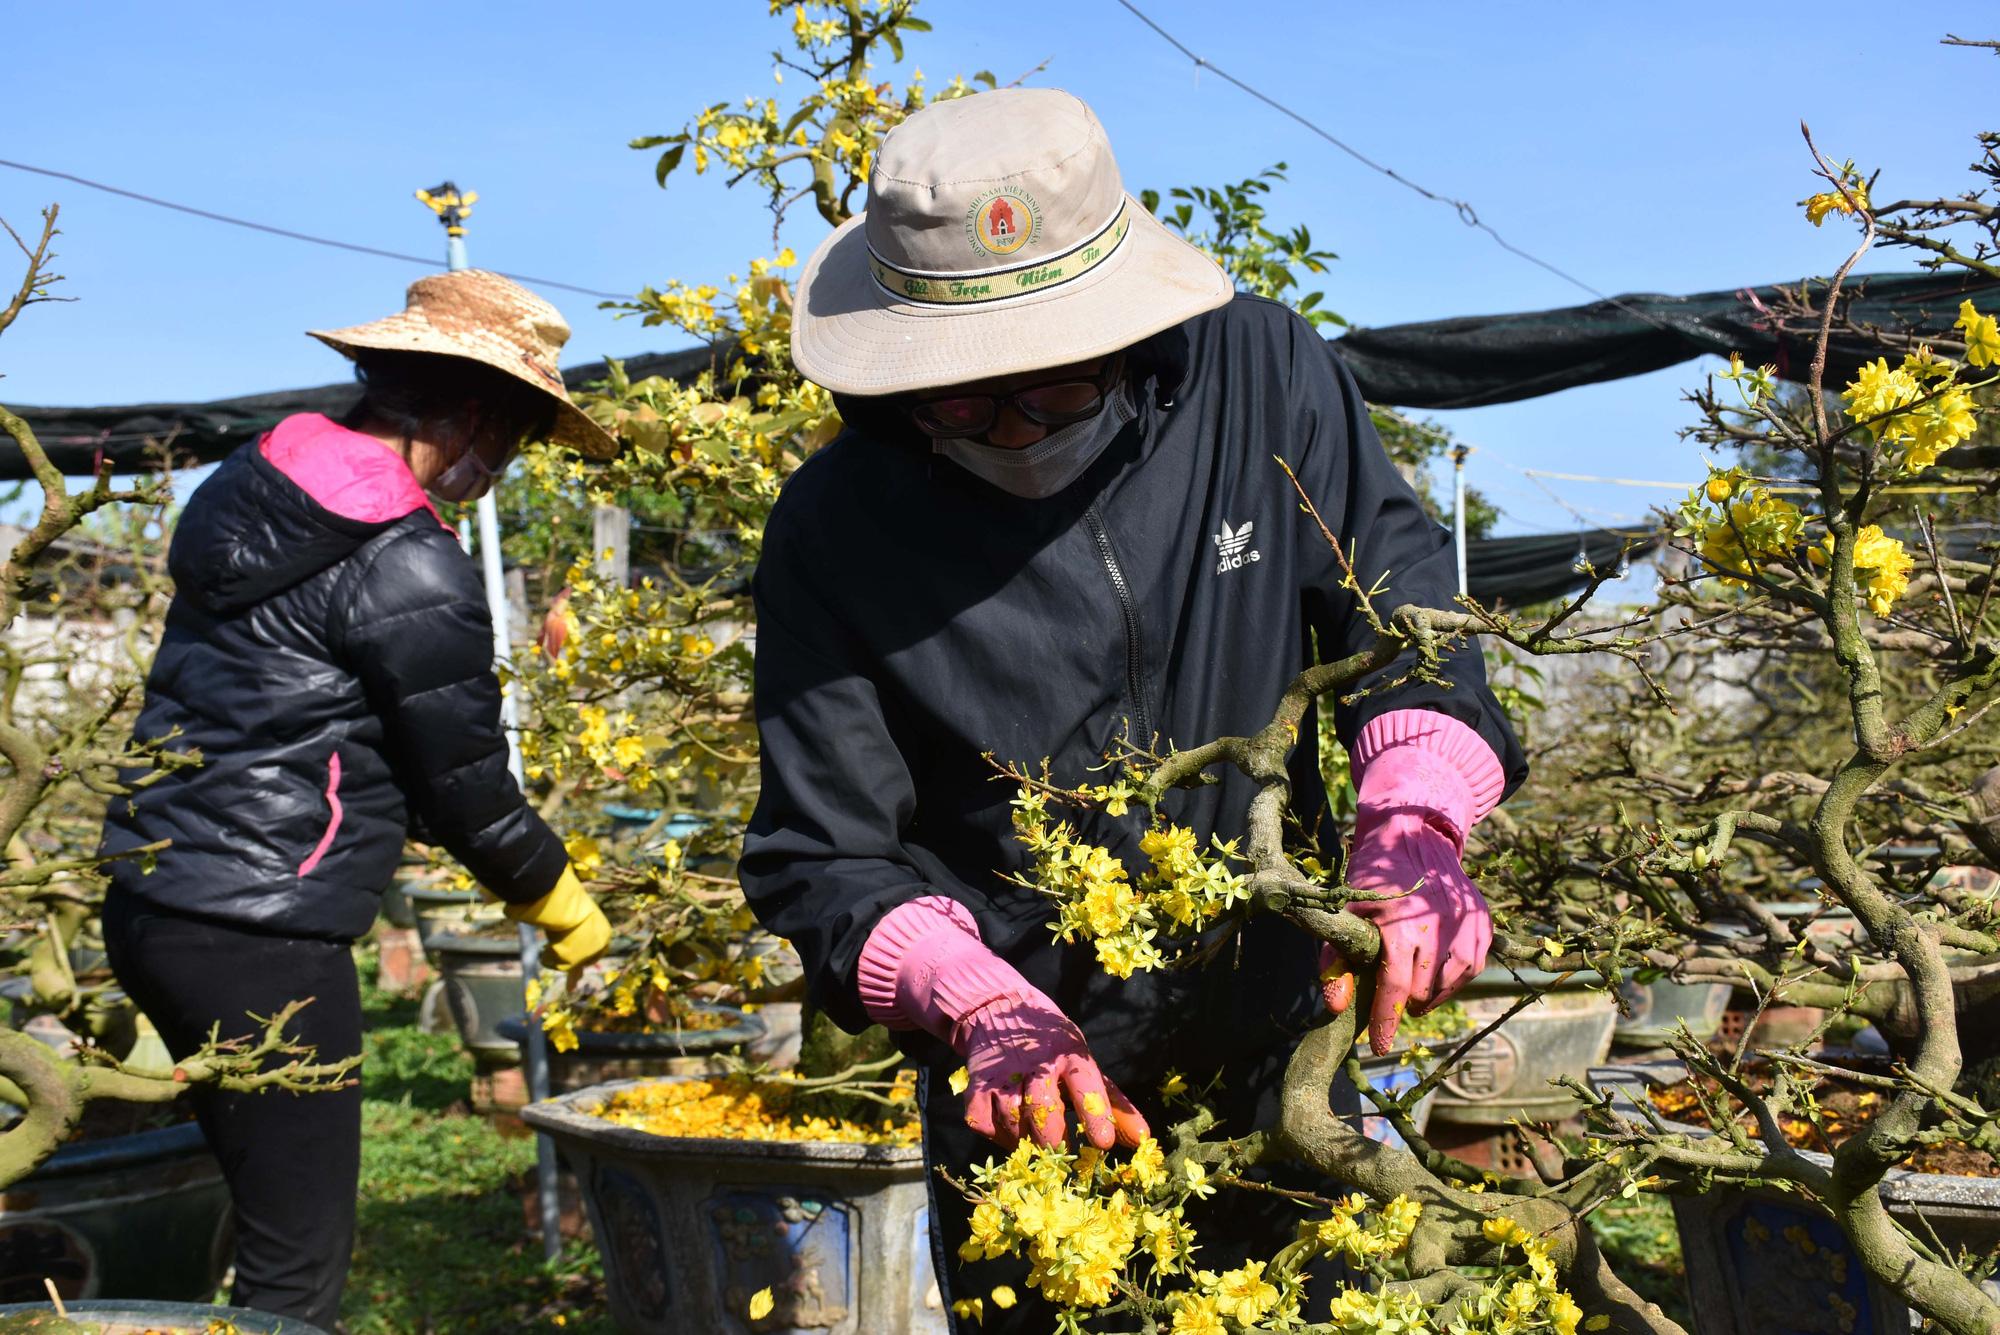 Gia Lai: Tháng Giêng là tháng chăm mai, ai nhận được nhiều cây người đó kiếm bộn tiền - Ảnh 1.